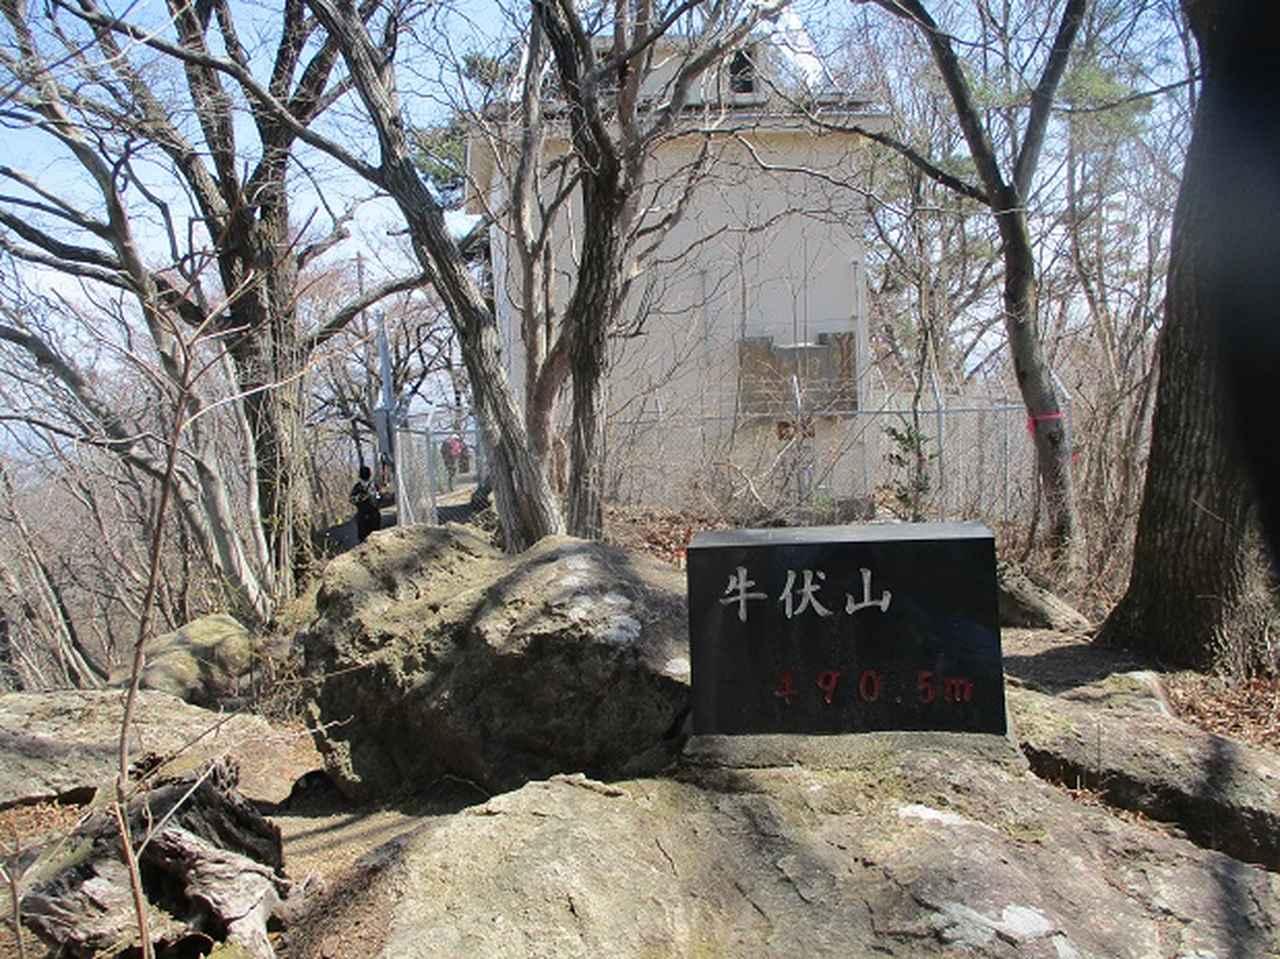 画像8: 4月5日に岡田ガイドのコースで群馬県の桜で有名な 「牛伏山」 へ行ってきました♪